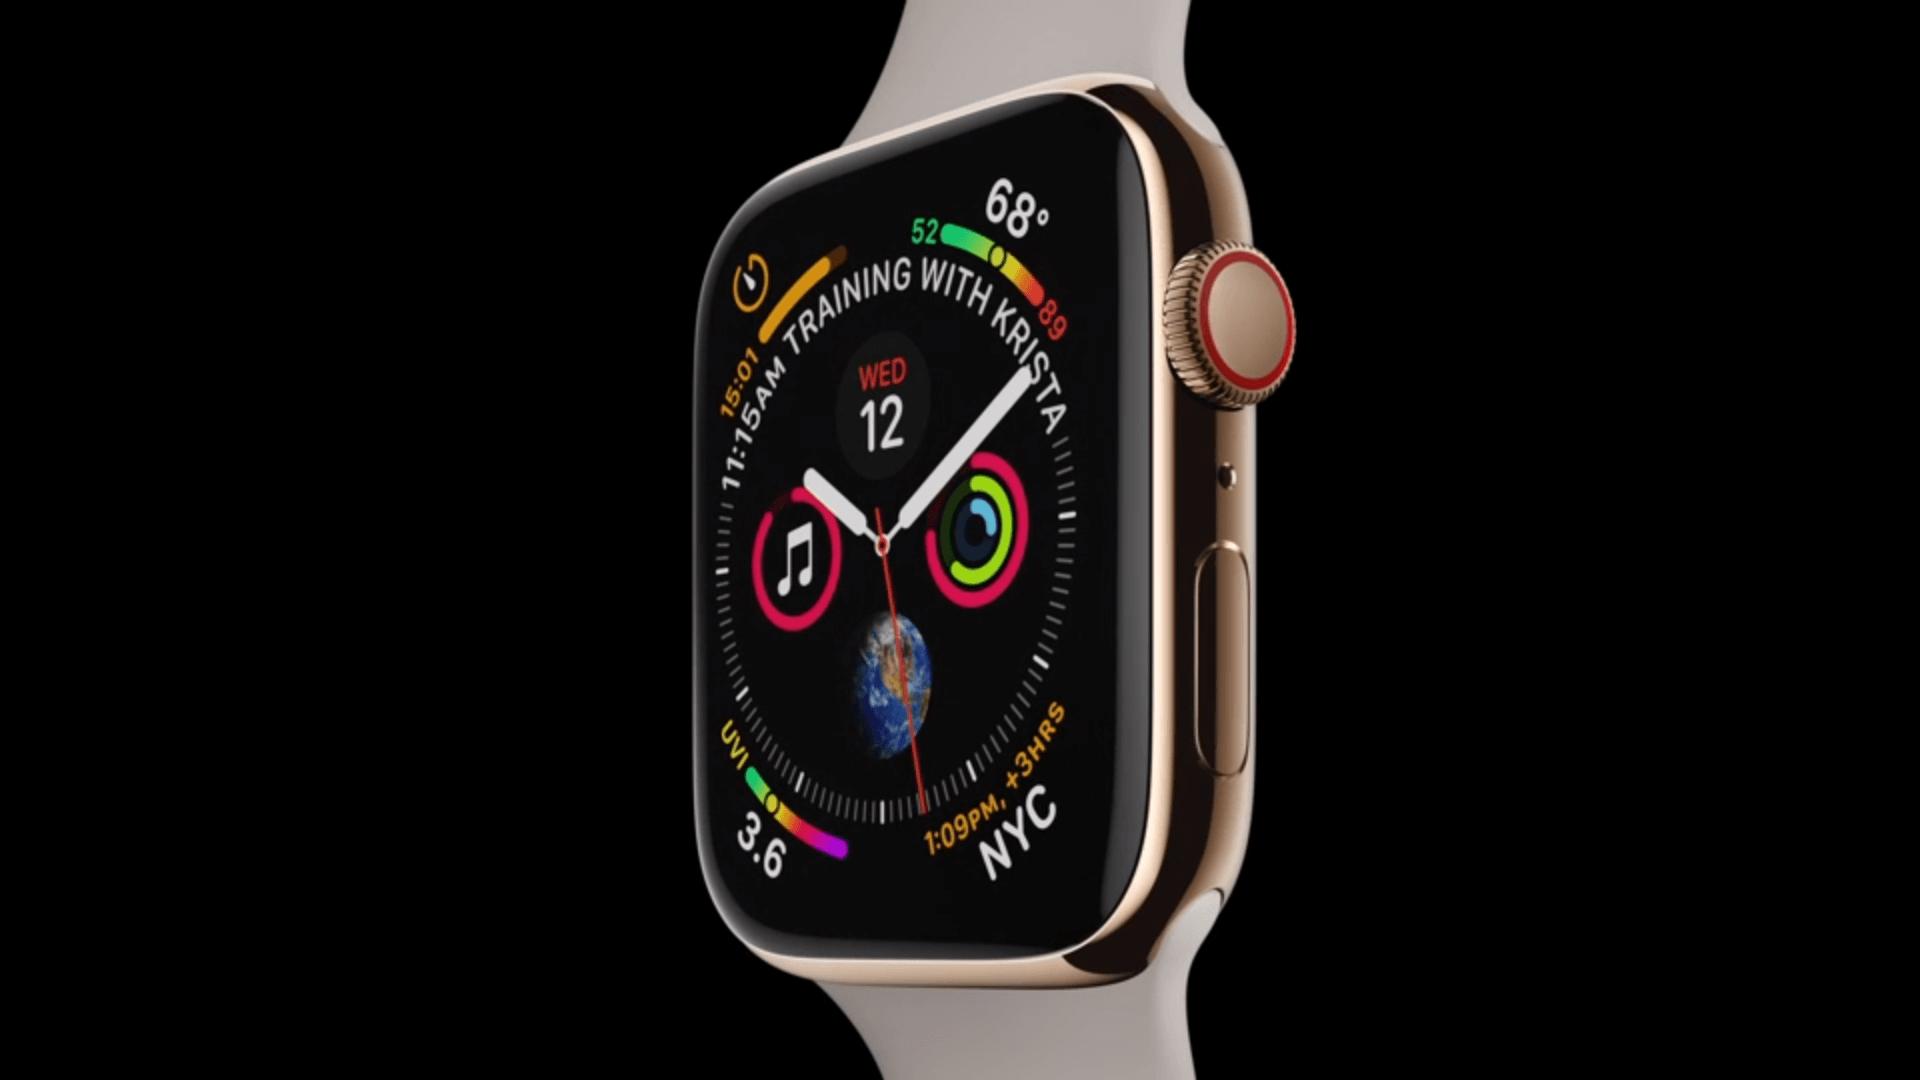 Captura de Tela 249 - Apple Watch Series 4 é lançado com eletrocardiograma